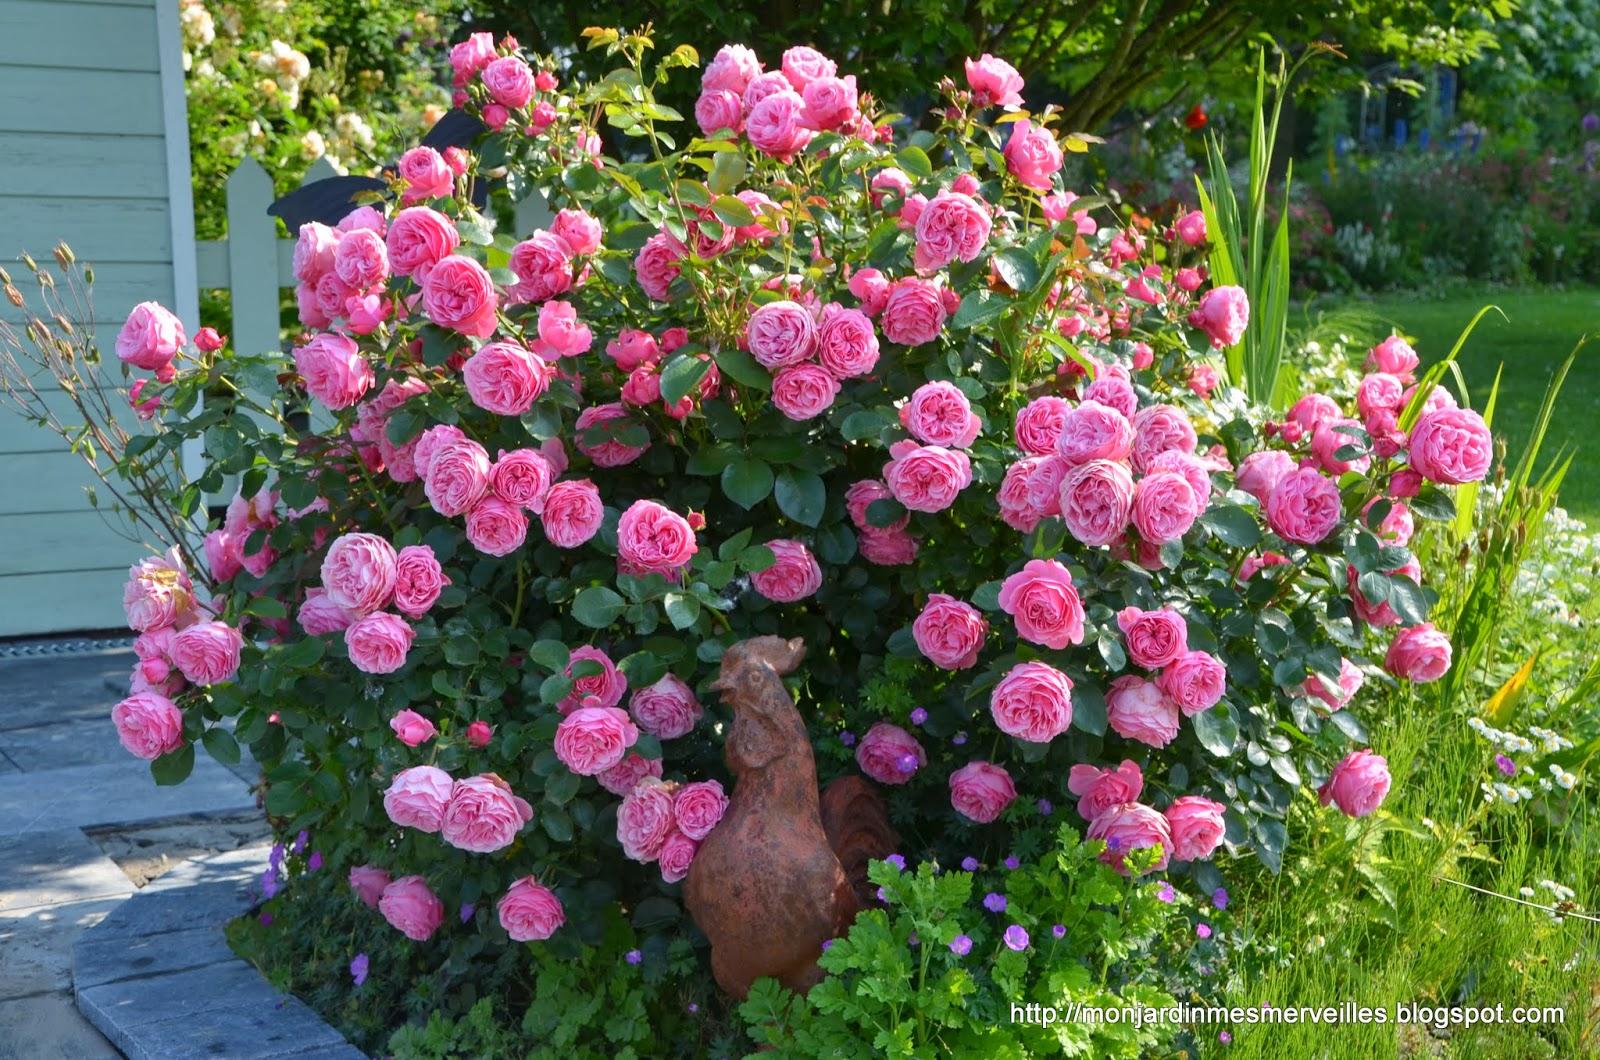 mon jardin mes merveilles les 5 plus longues floraisons de rosiers. Black Bedroom Furniture Sets. Home Design Ideas